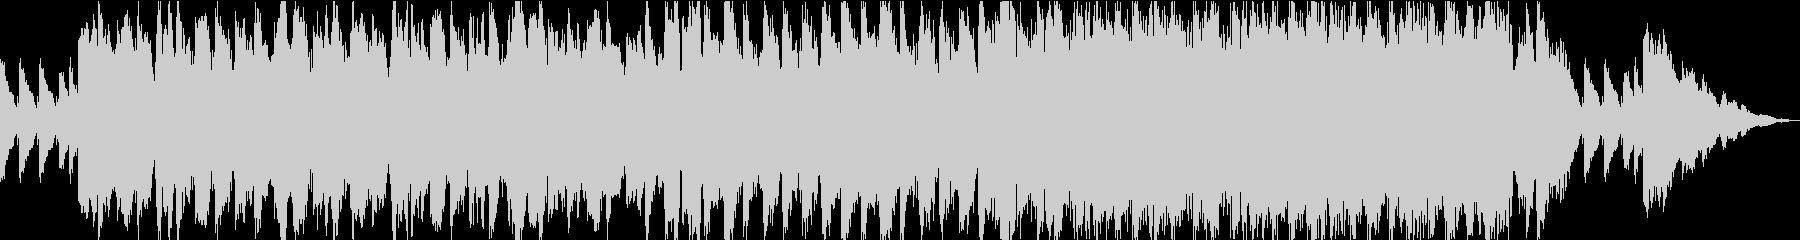 神秘的で不思議な雰囲気のBGM3の未再生の波形